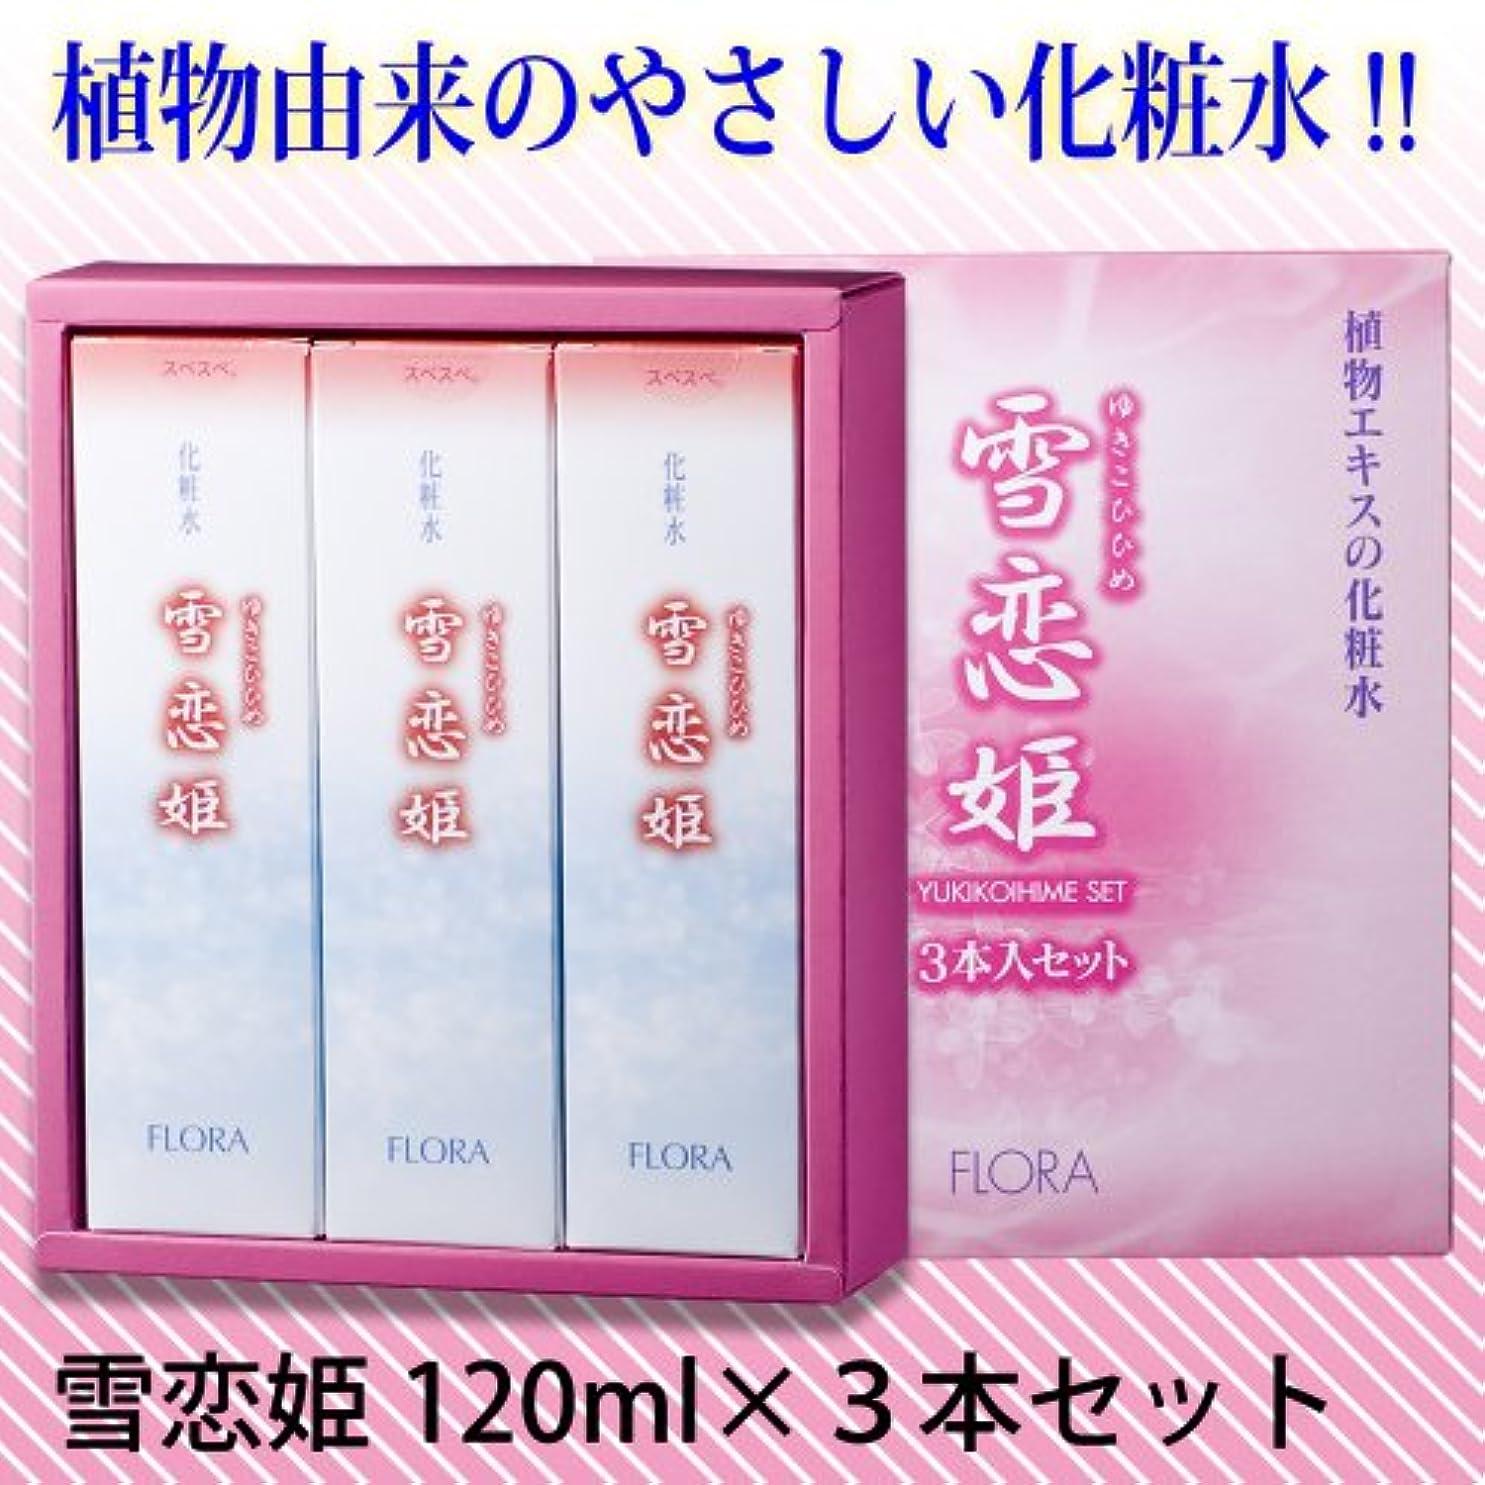 休戦うまれた上雪恋姫 化粧水 120ml×3本セット